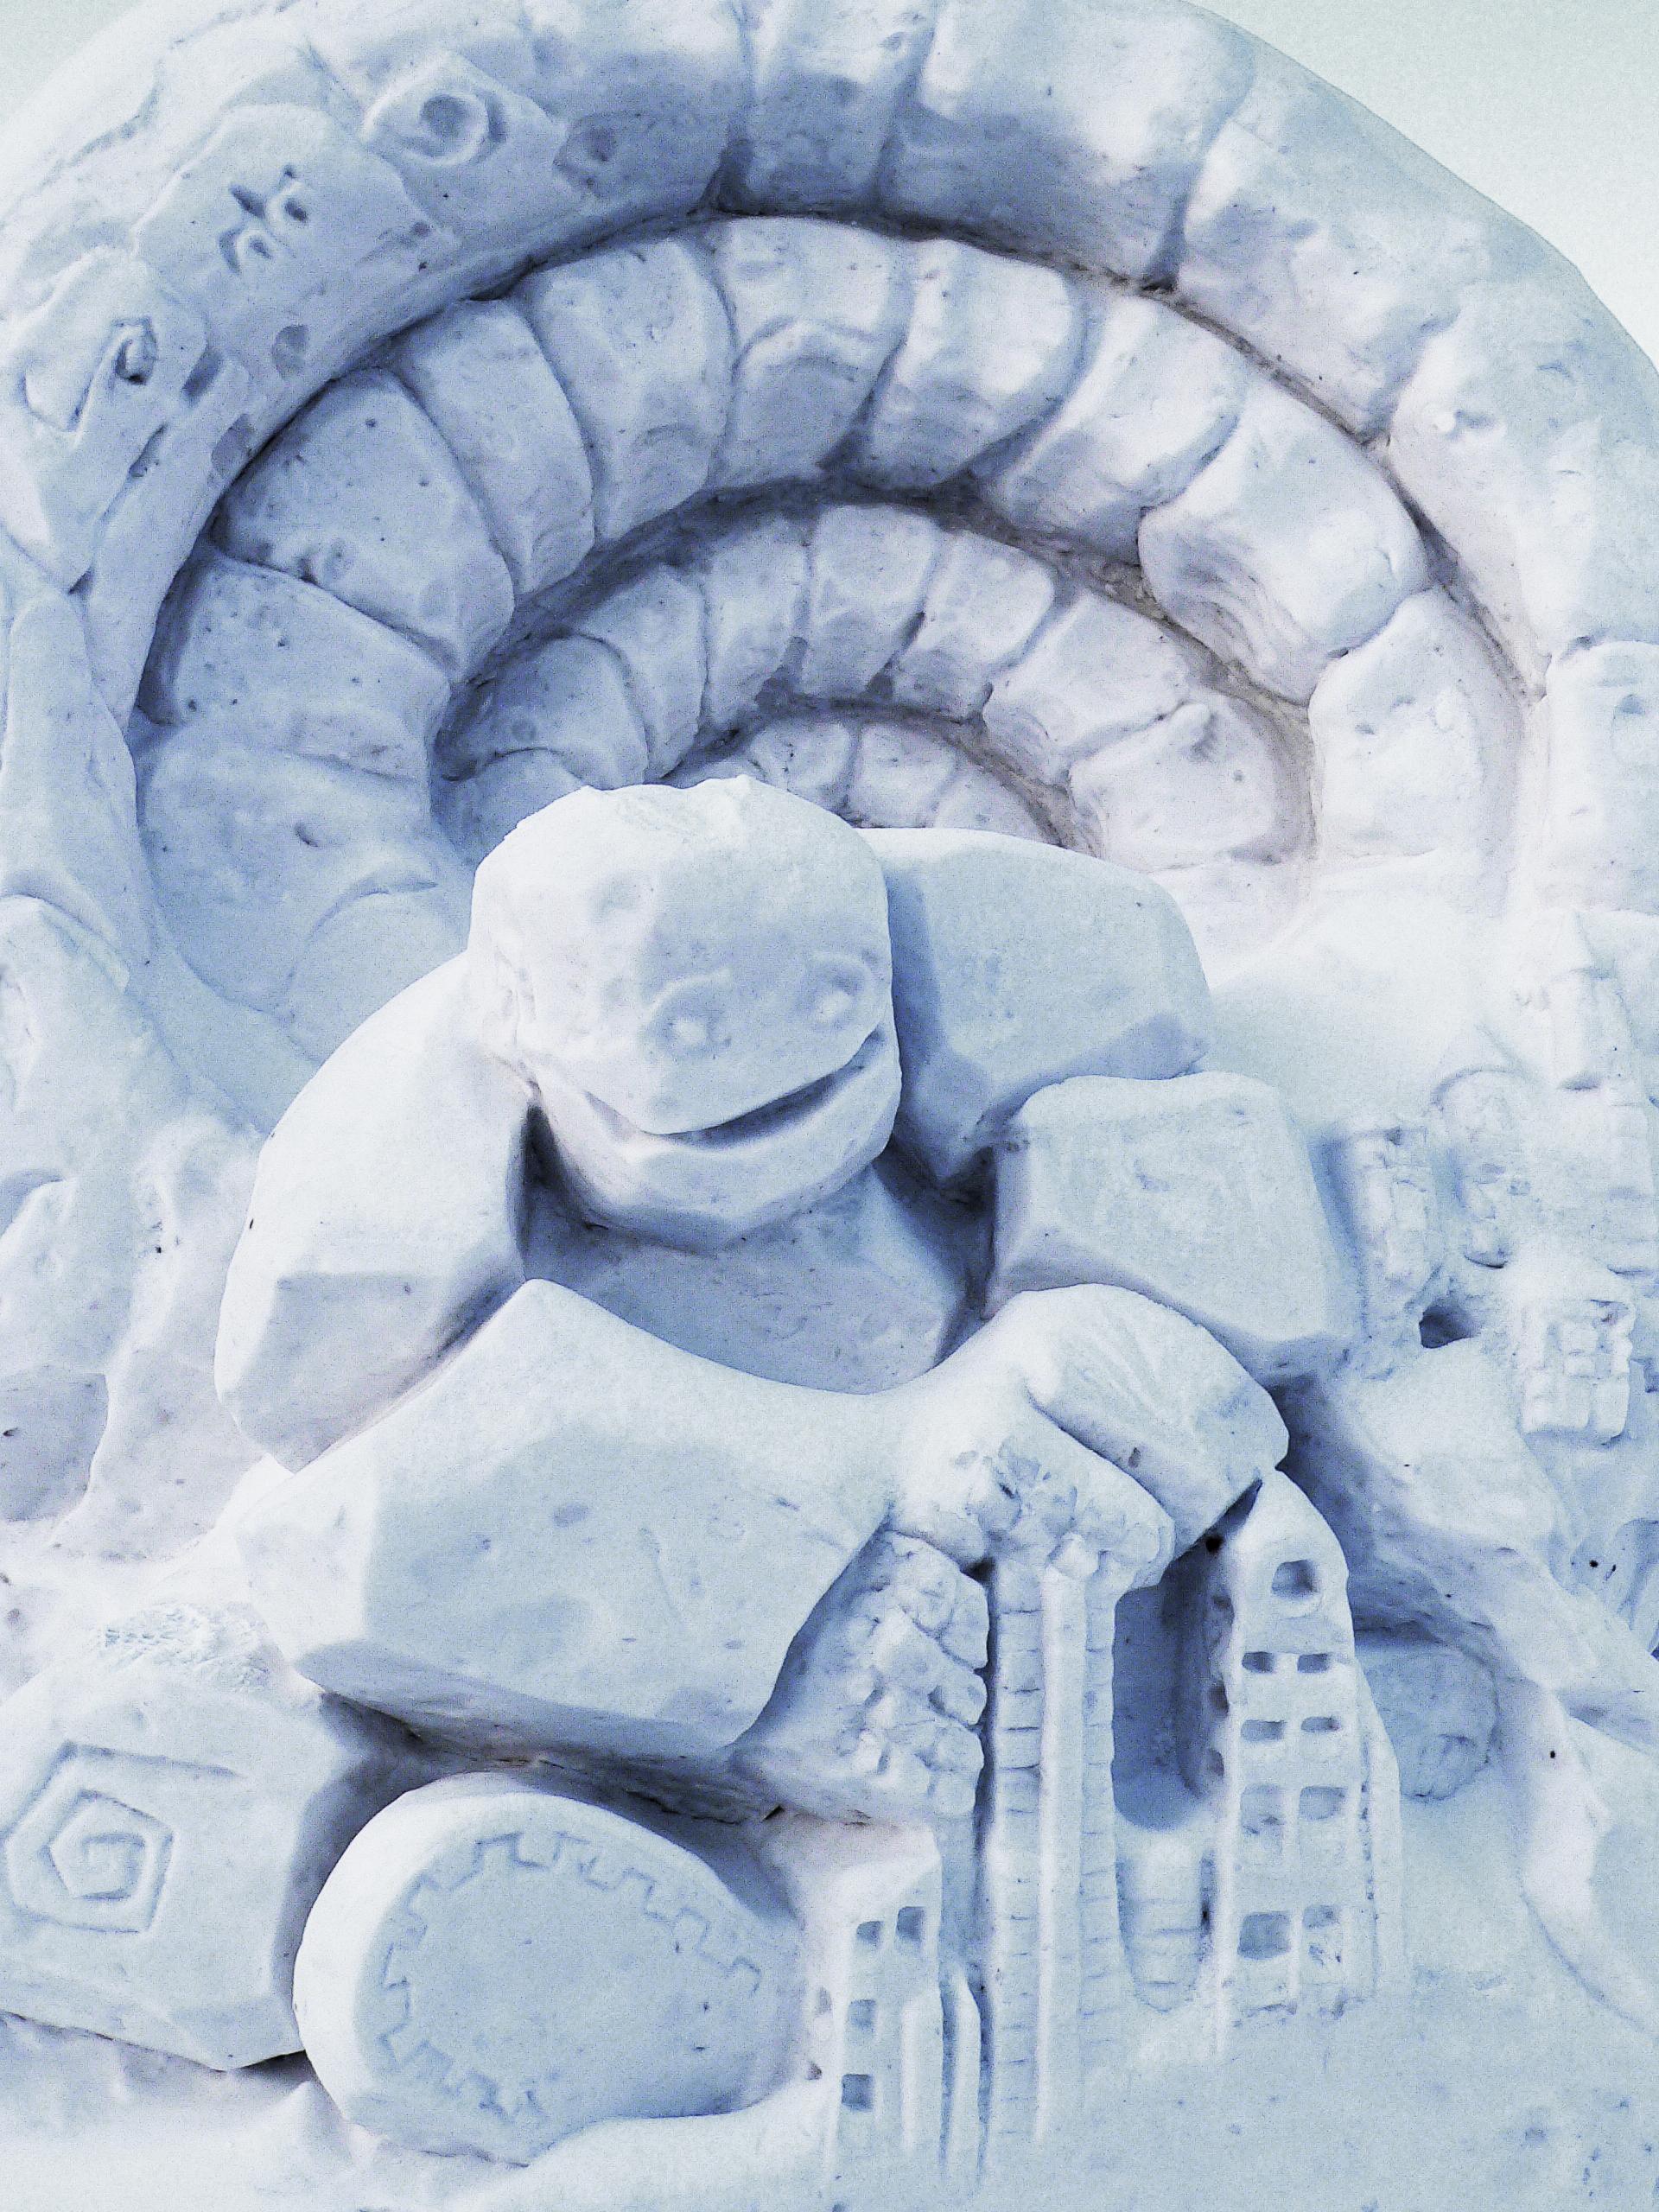 Снежная_скульптура_строим_в_год_Змеи